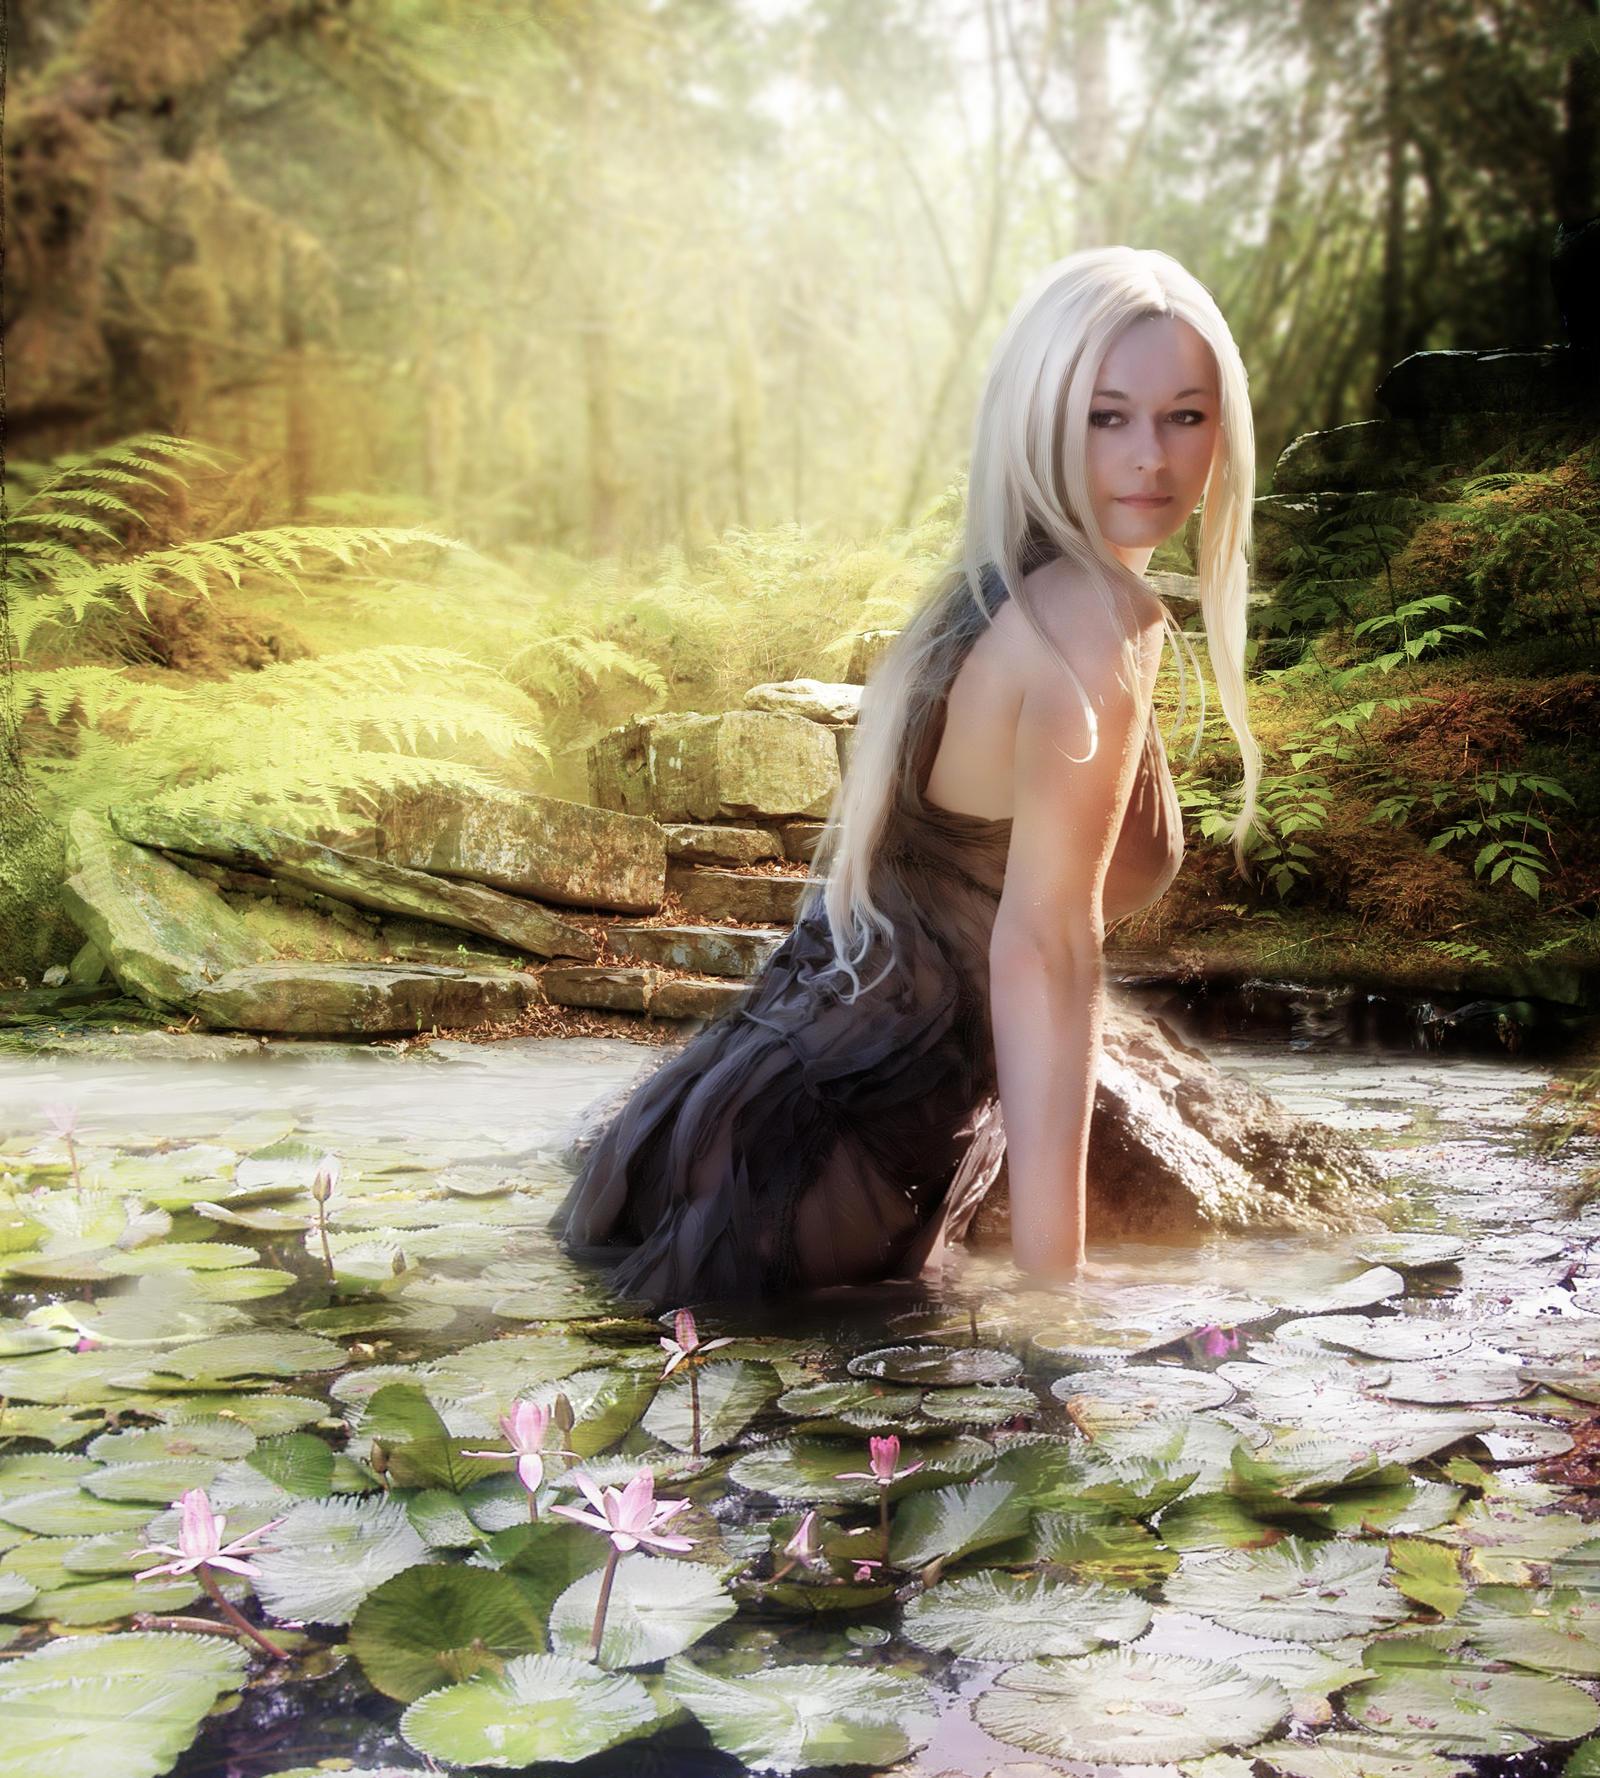 Lily by InertiaK